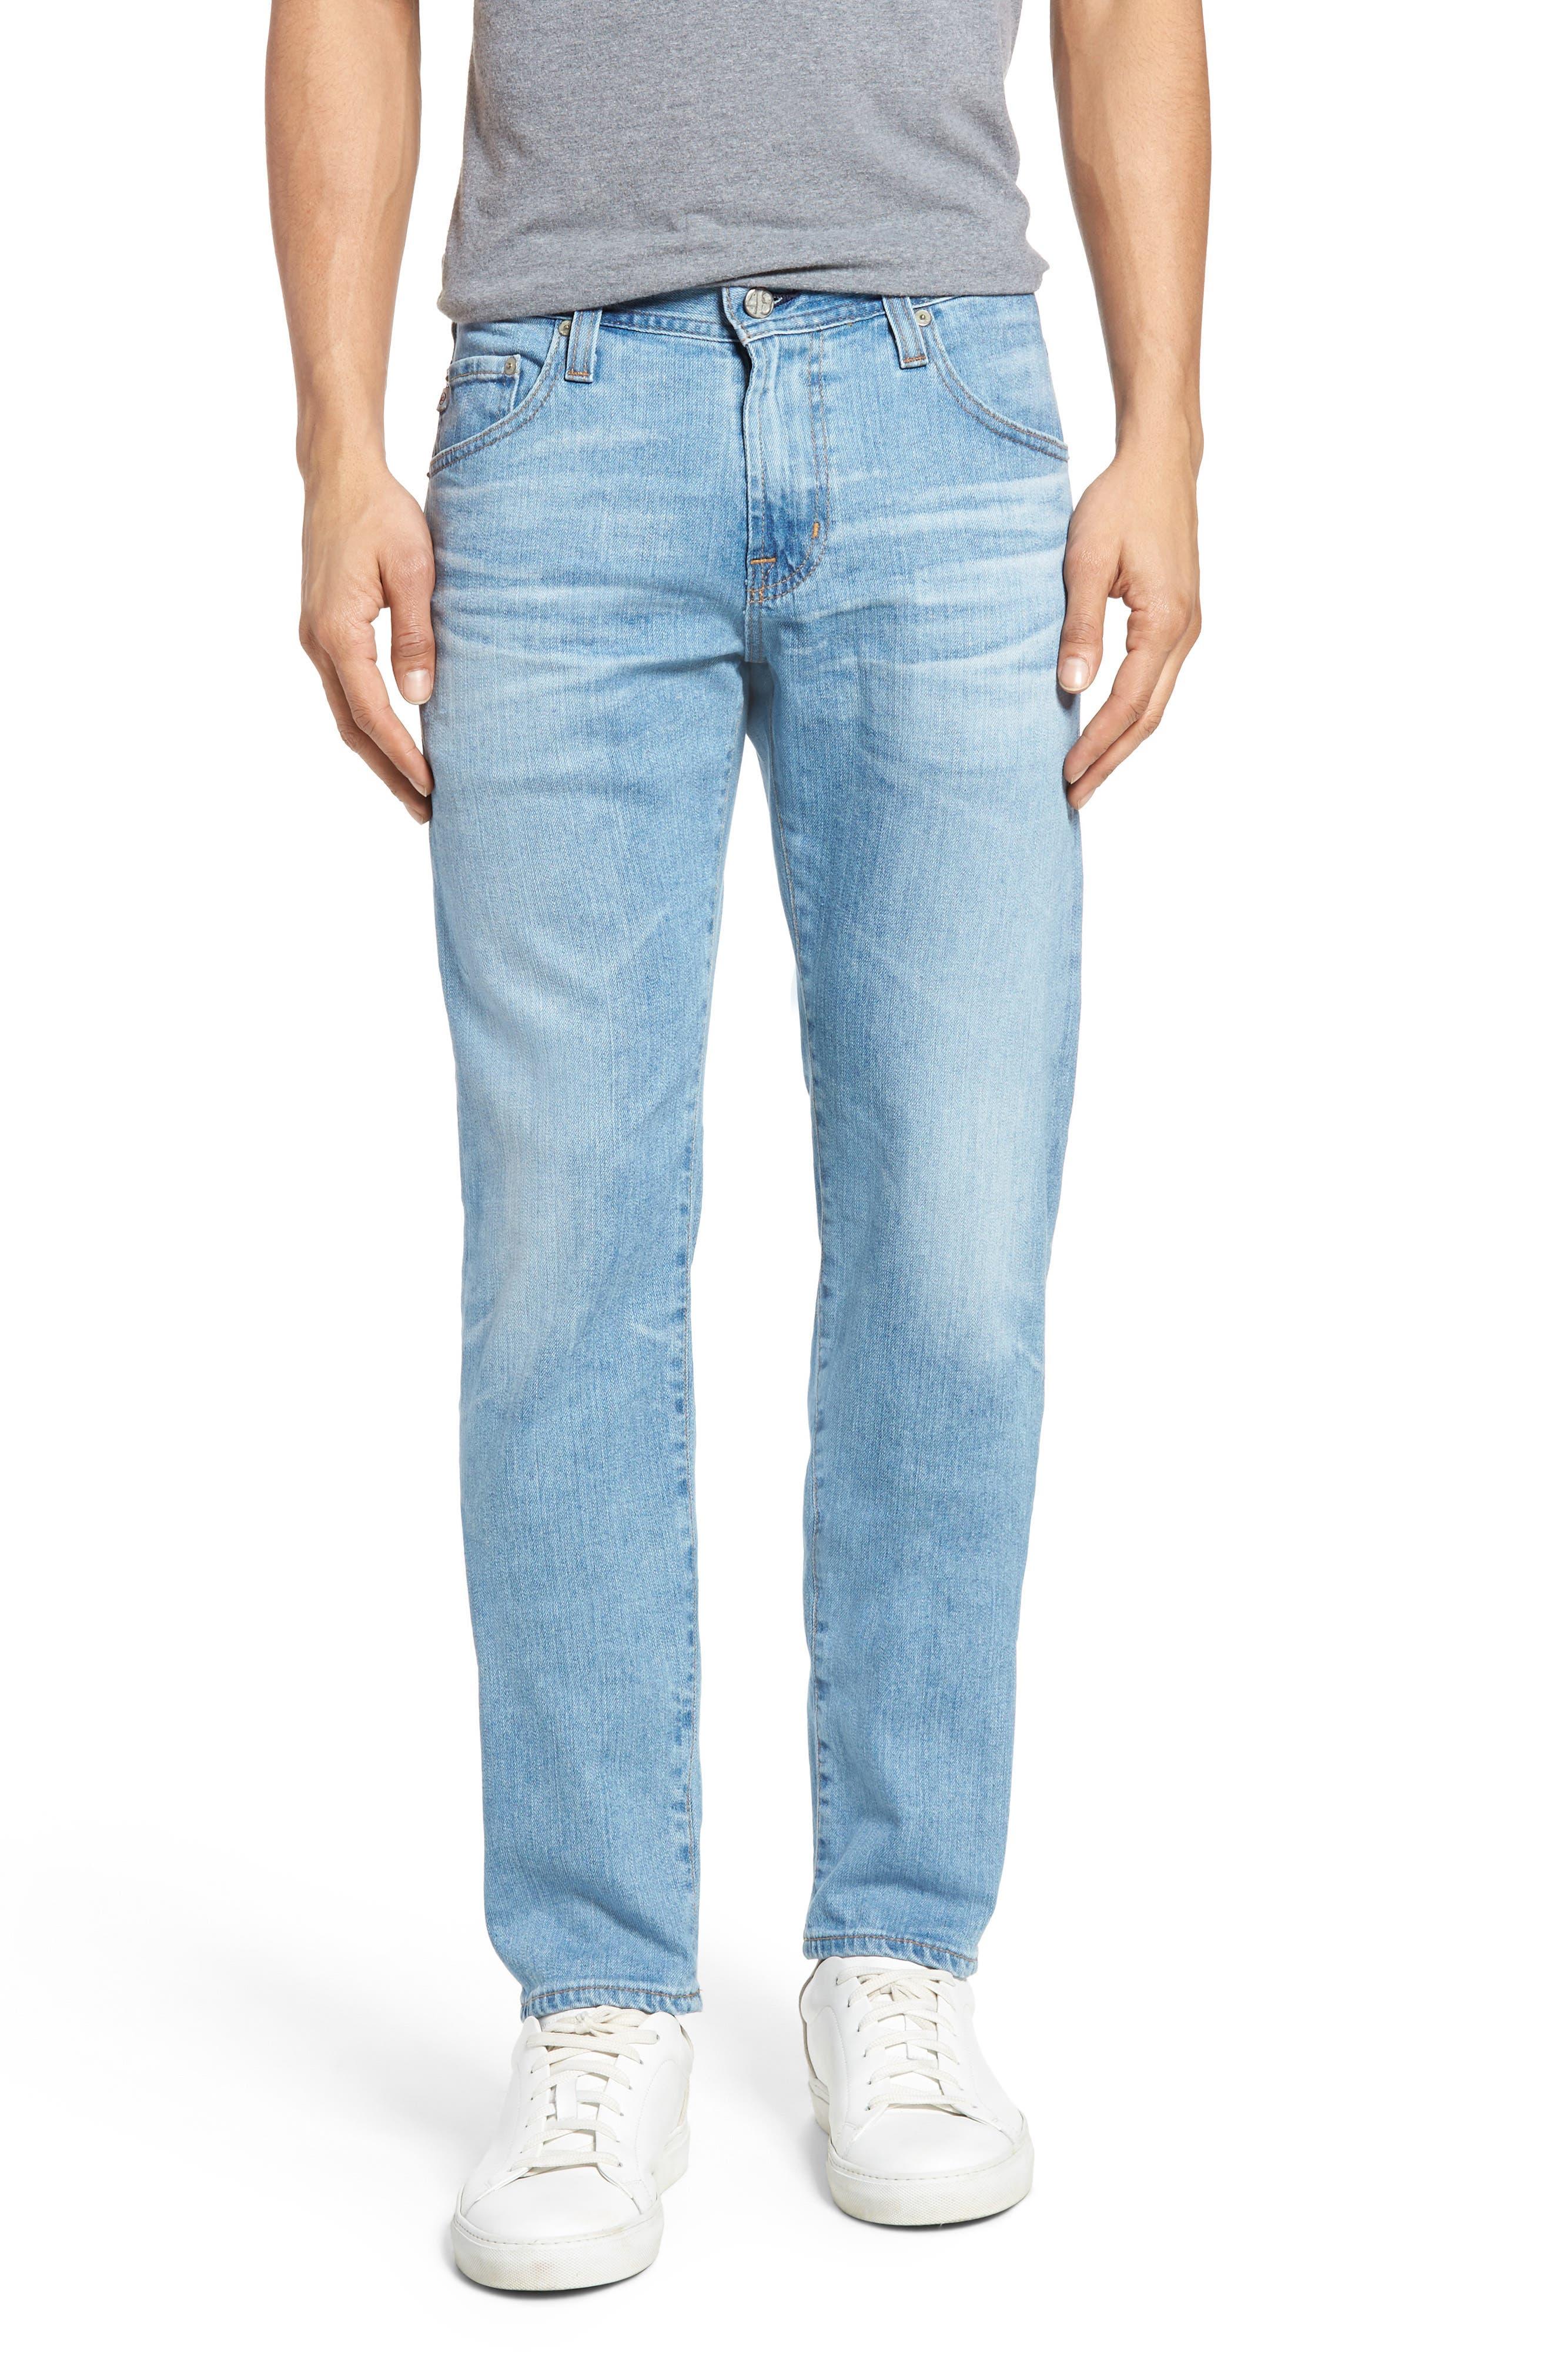 Tellis Slim Fit Jeans,                             Main thumbnail 1, color,                             412